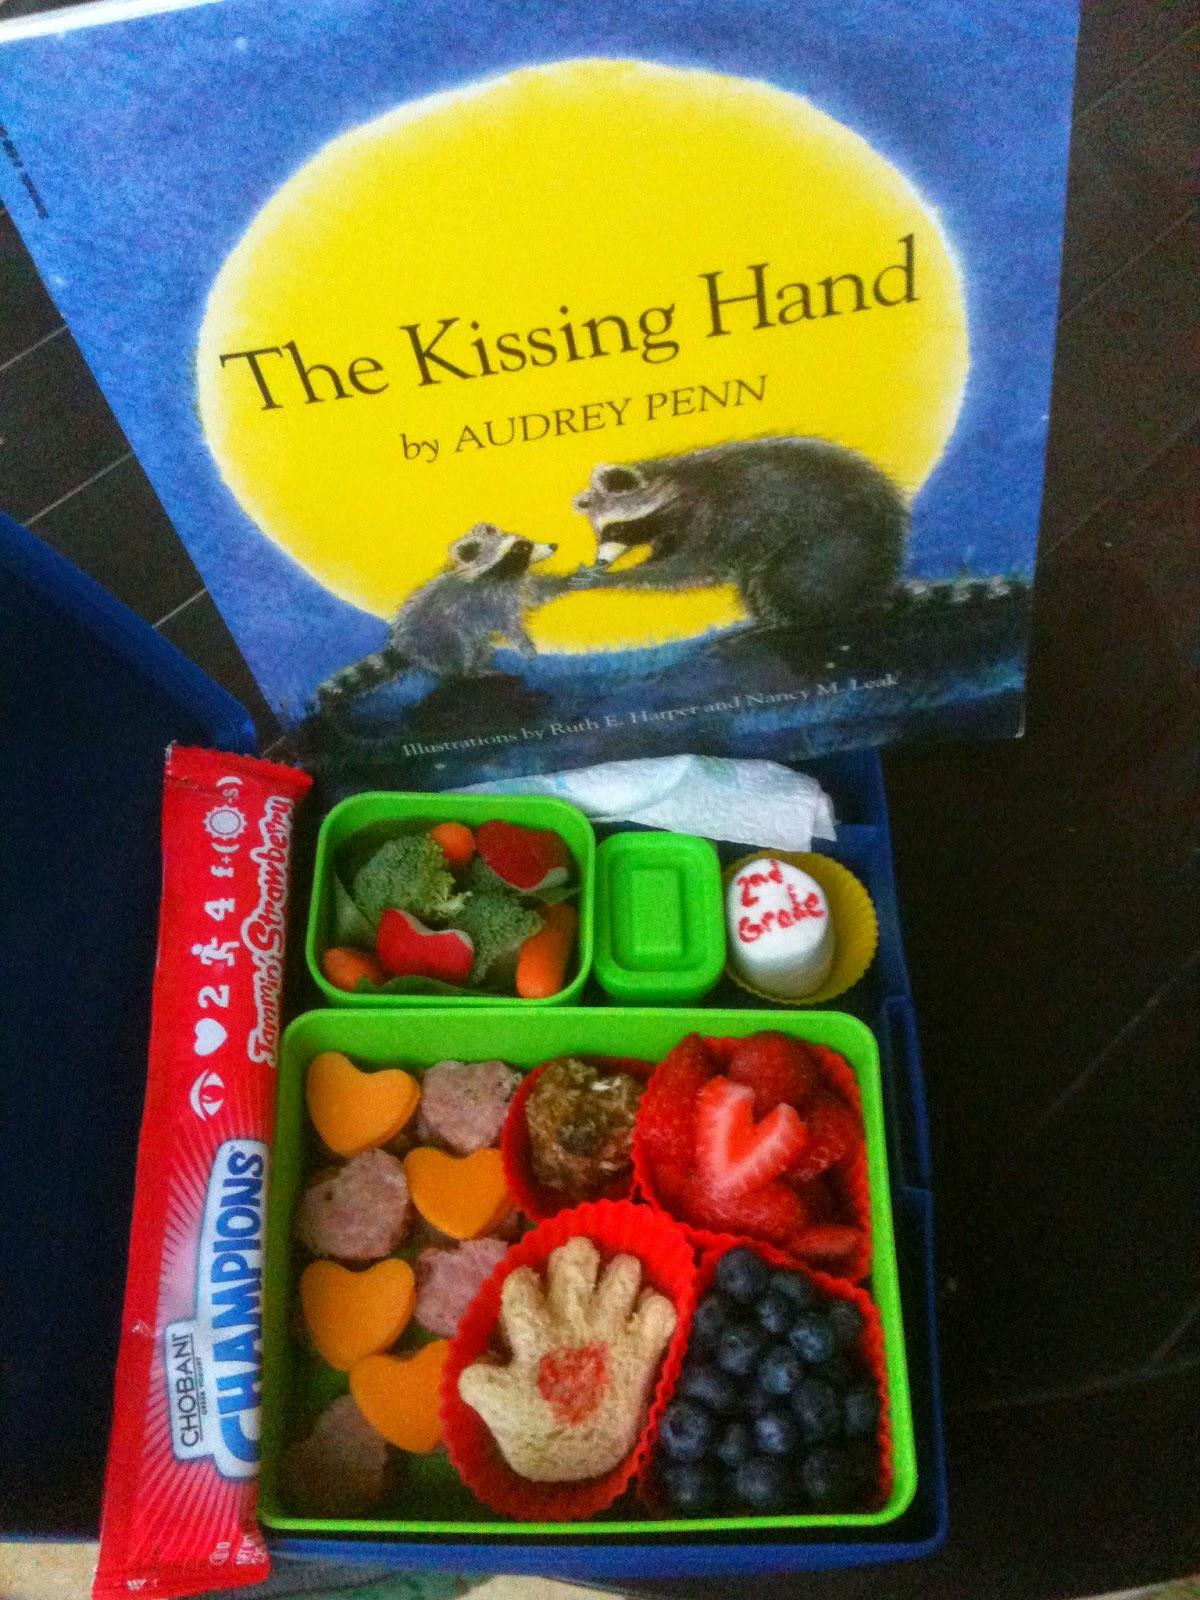 http://keithaschaos.blogspot.com/2013/08/first-day-of-2nd-grade.html